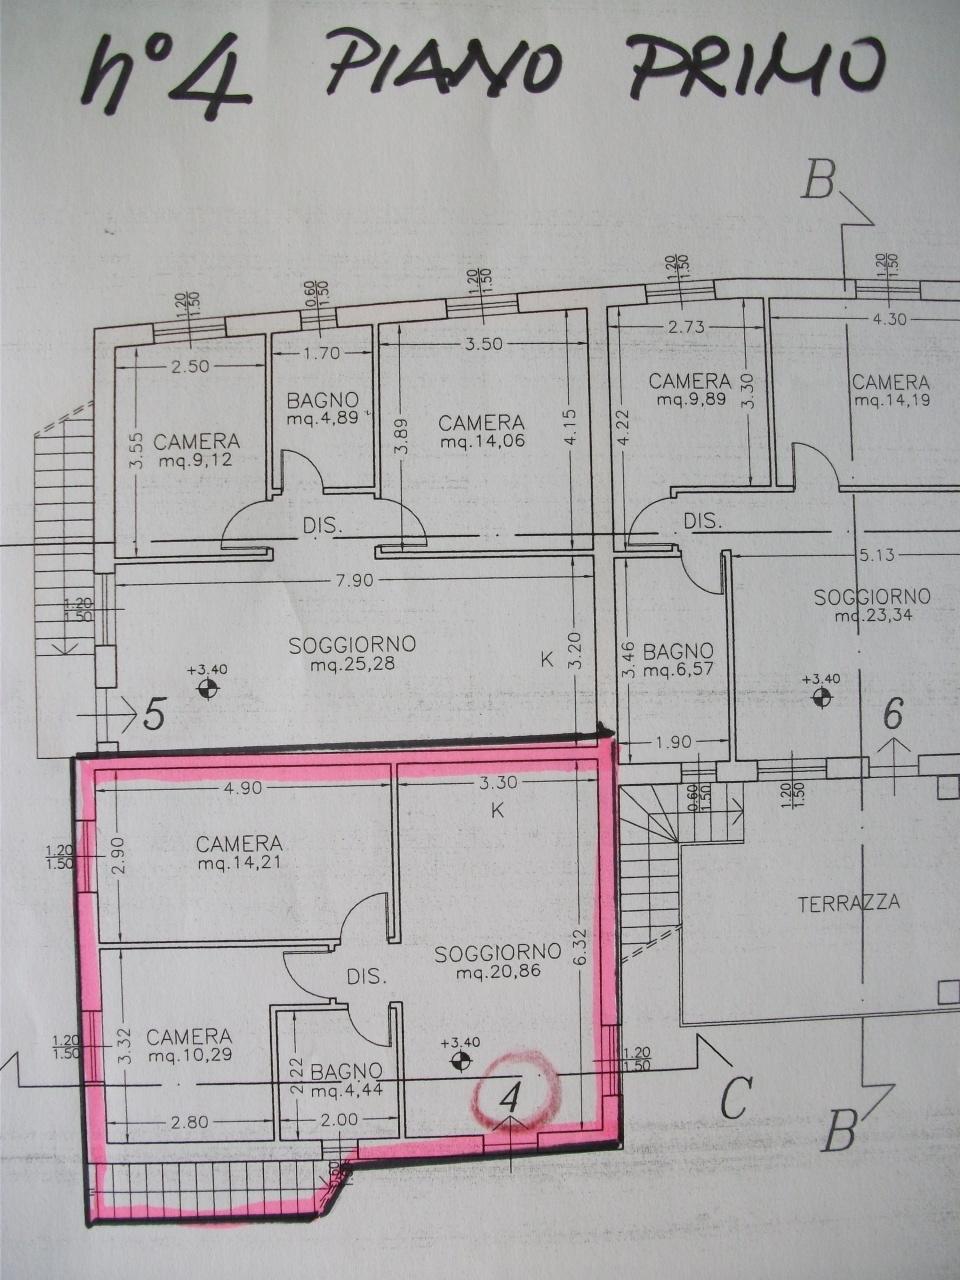 Casa semindipendente in vendita, rif. 2114